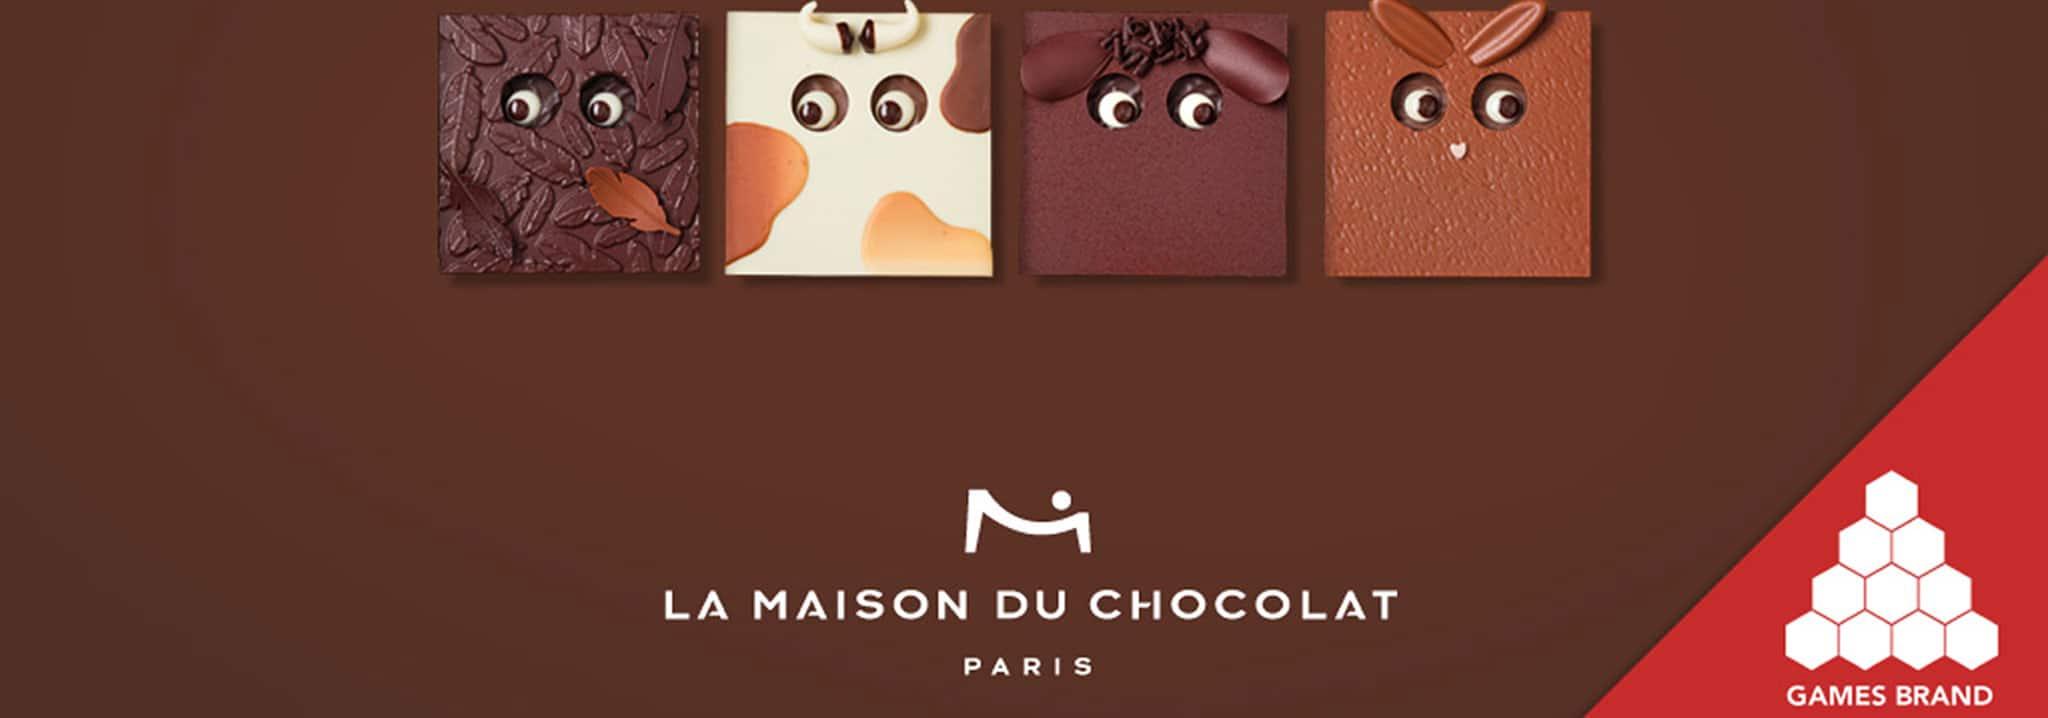 slide-MAISON-DU-CHOCOLAT